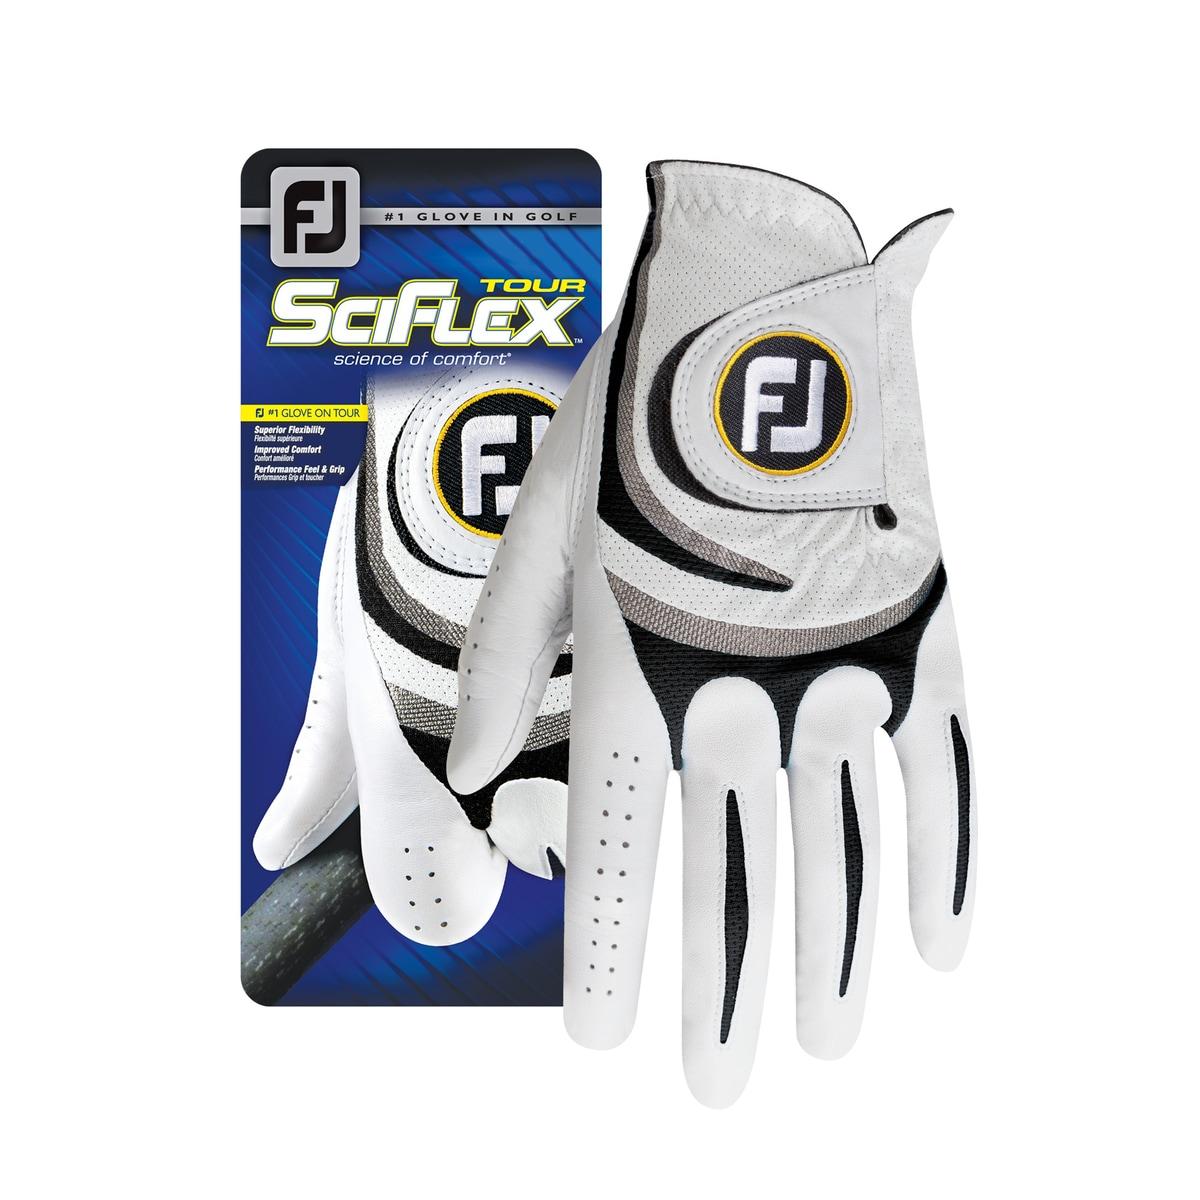 SciFlex Tour-Vorjahresmodell